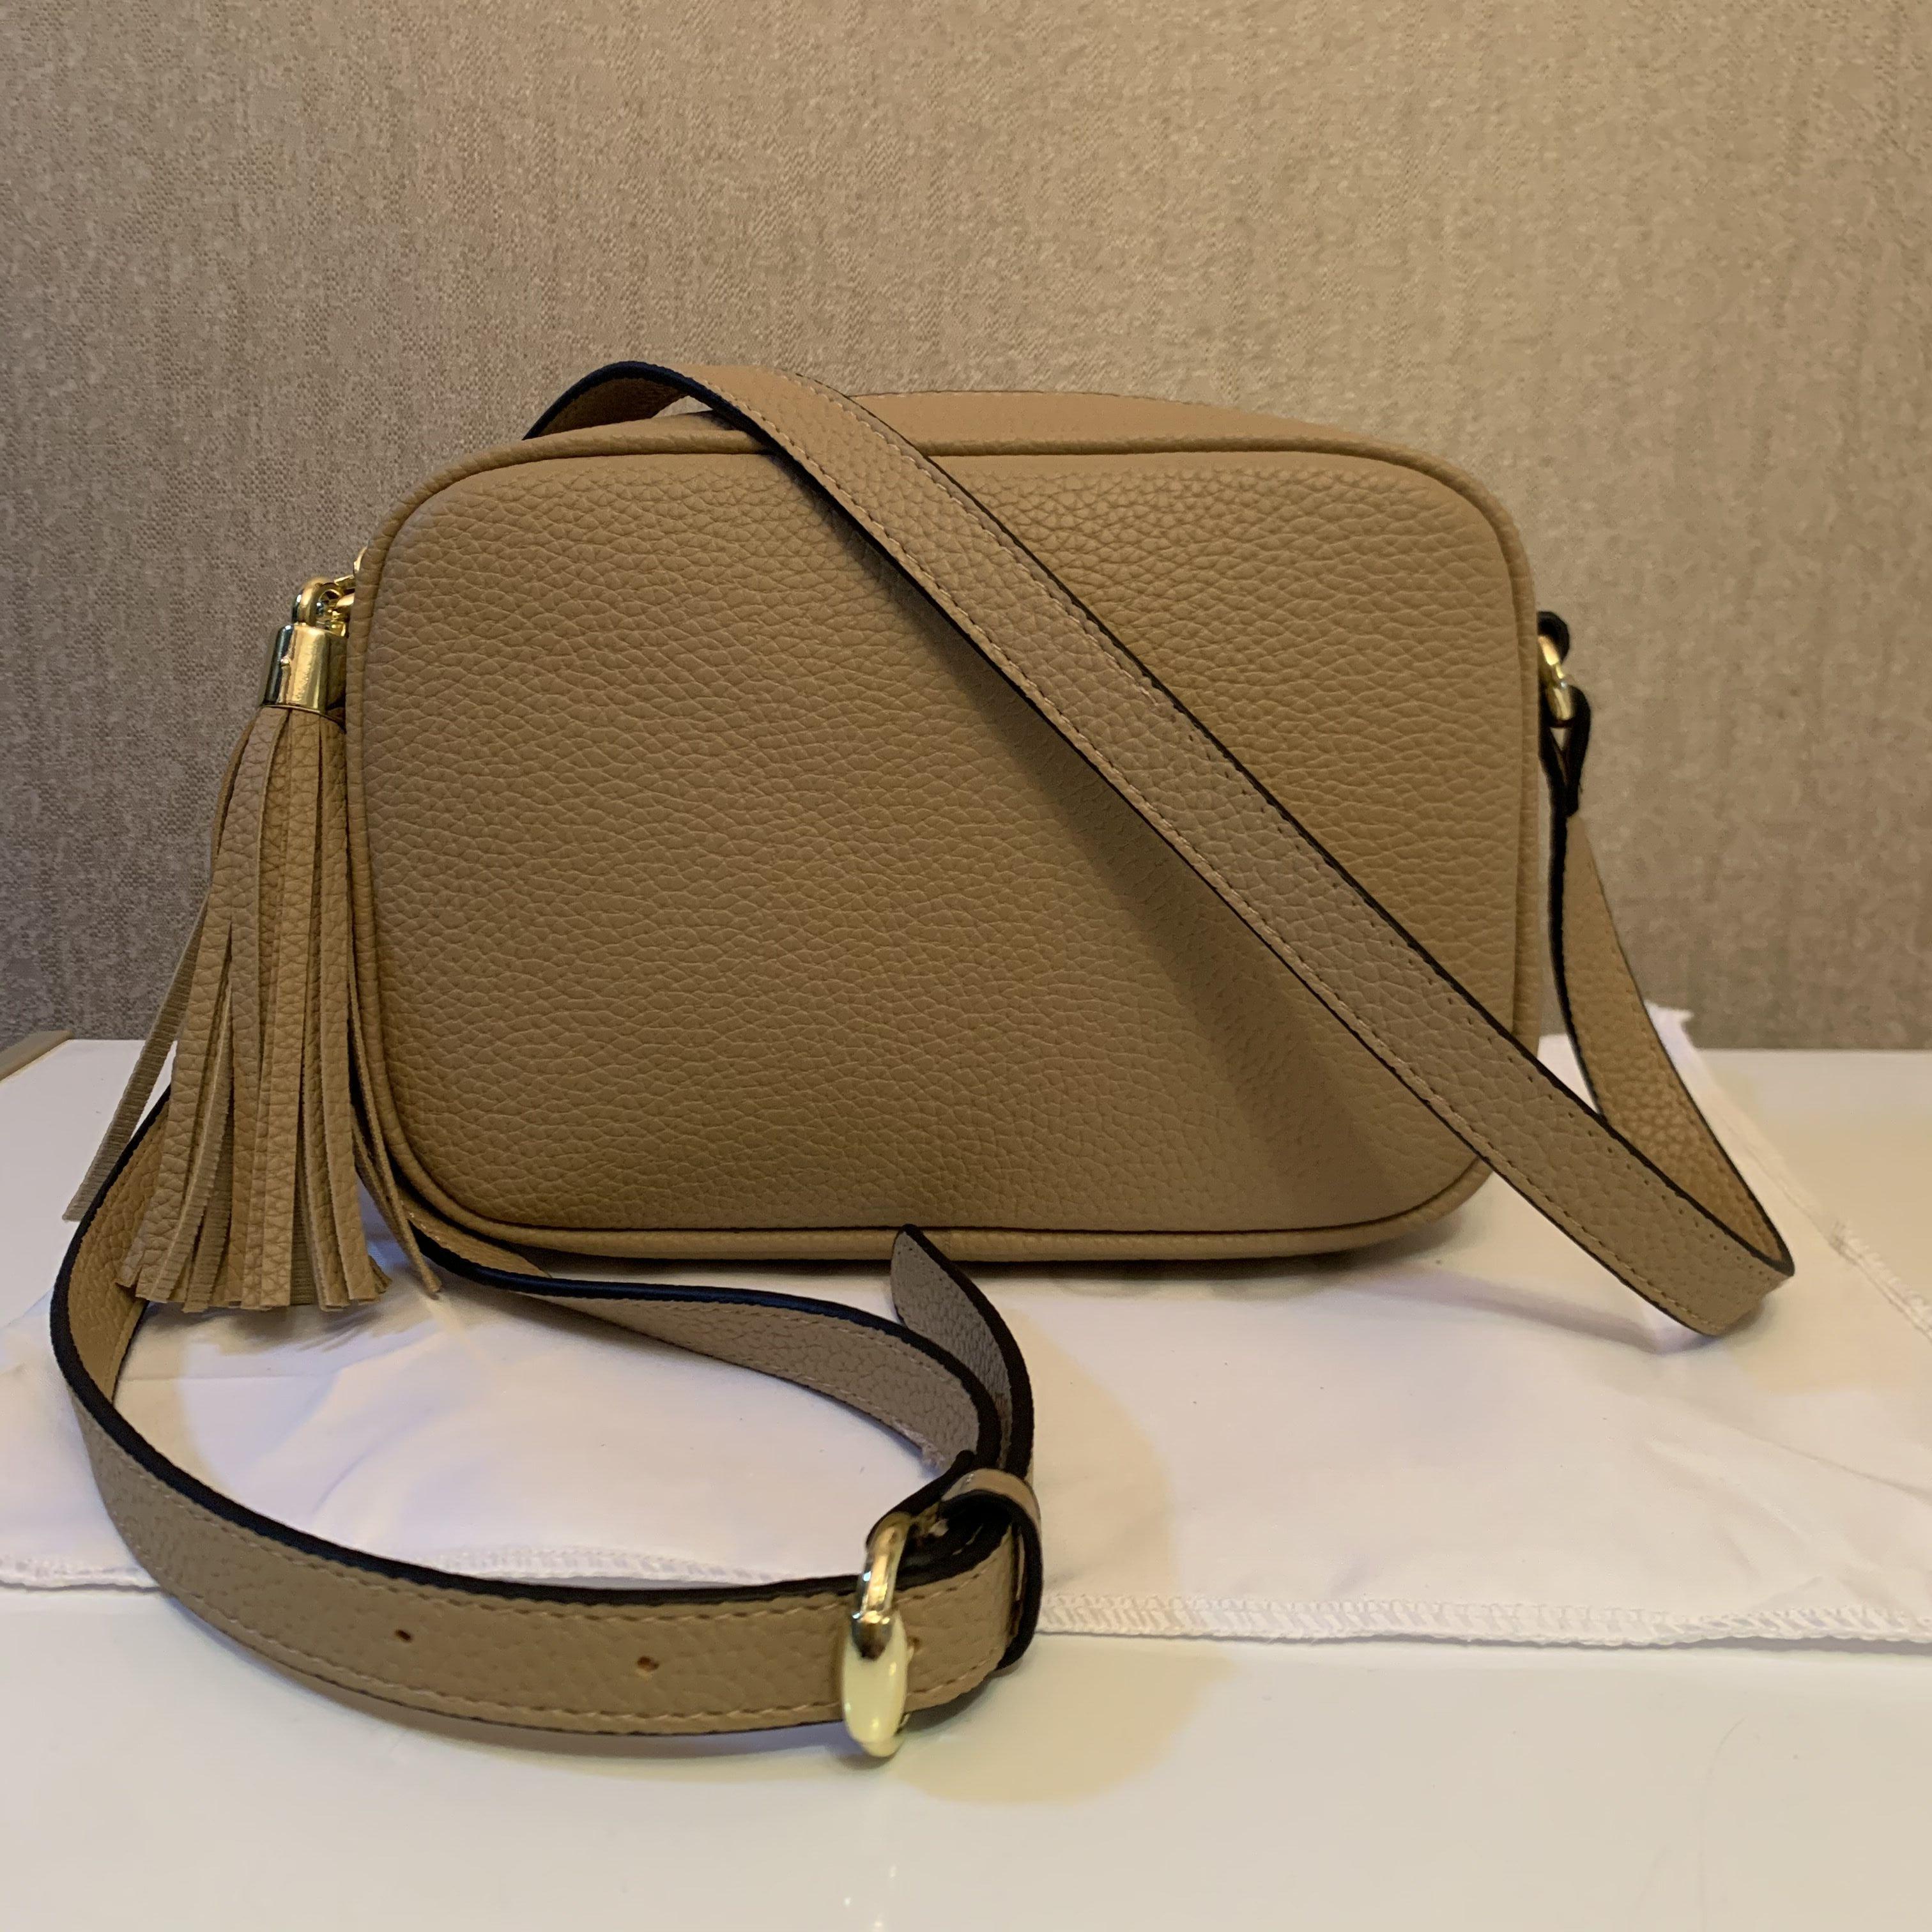 Tasarımcı Çanta Yüksek Kalite Lüks Çanta Cüzdan Ünlü Çanta Kadın Püskül Crossbody Çanta Moda Vintage Deri Omuz Çantaları